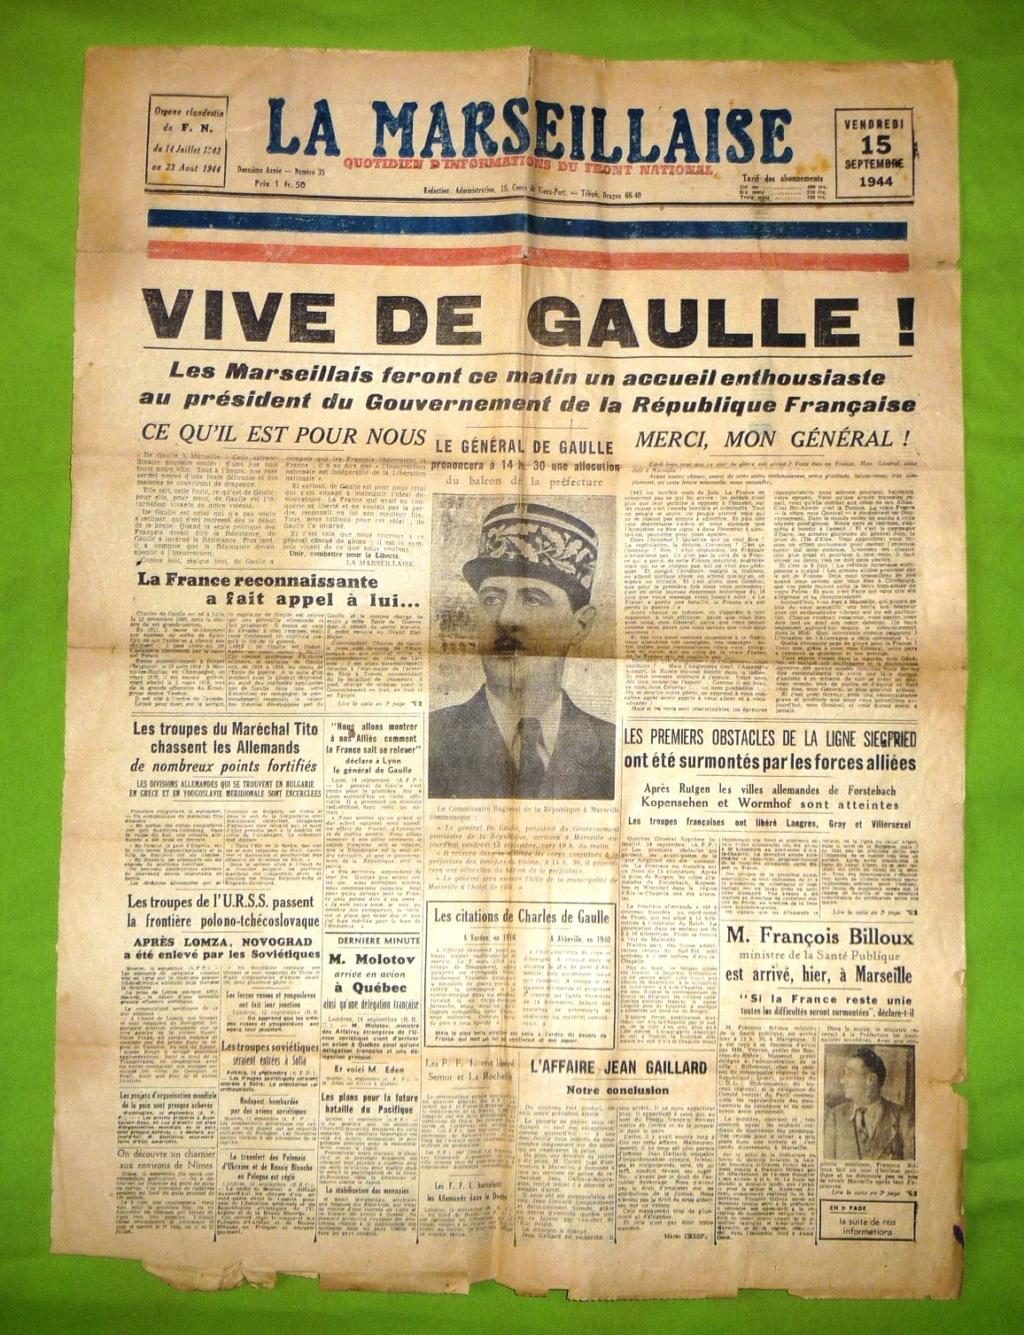 Mai-septembre 1945 : les journaux de la fin de la Seconde Guerre mondiale 15_sep10